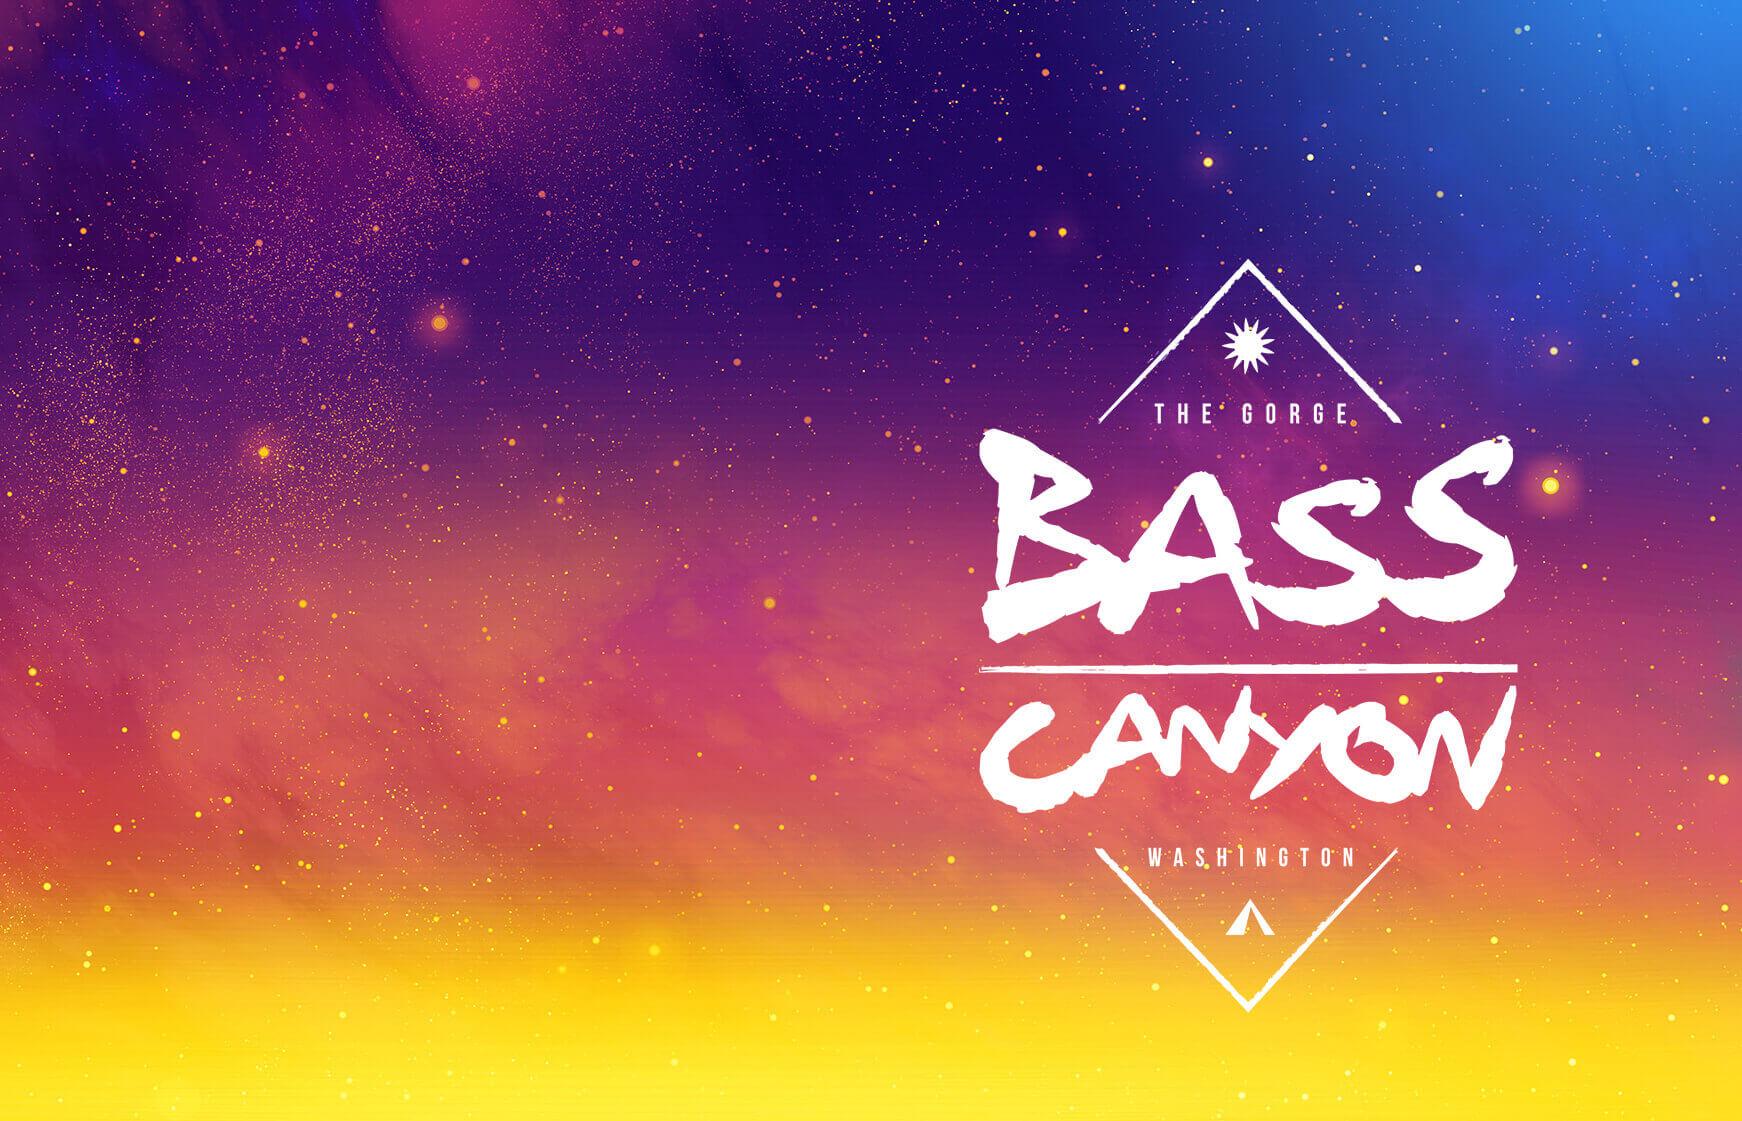 Bus.com - Bass Canyon